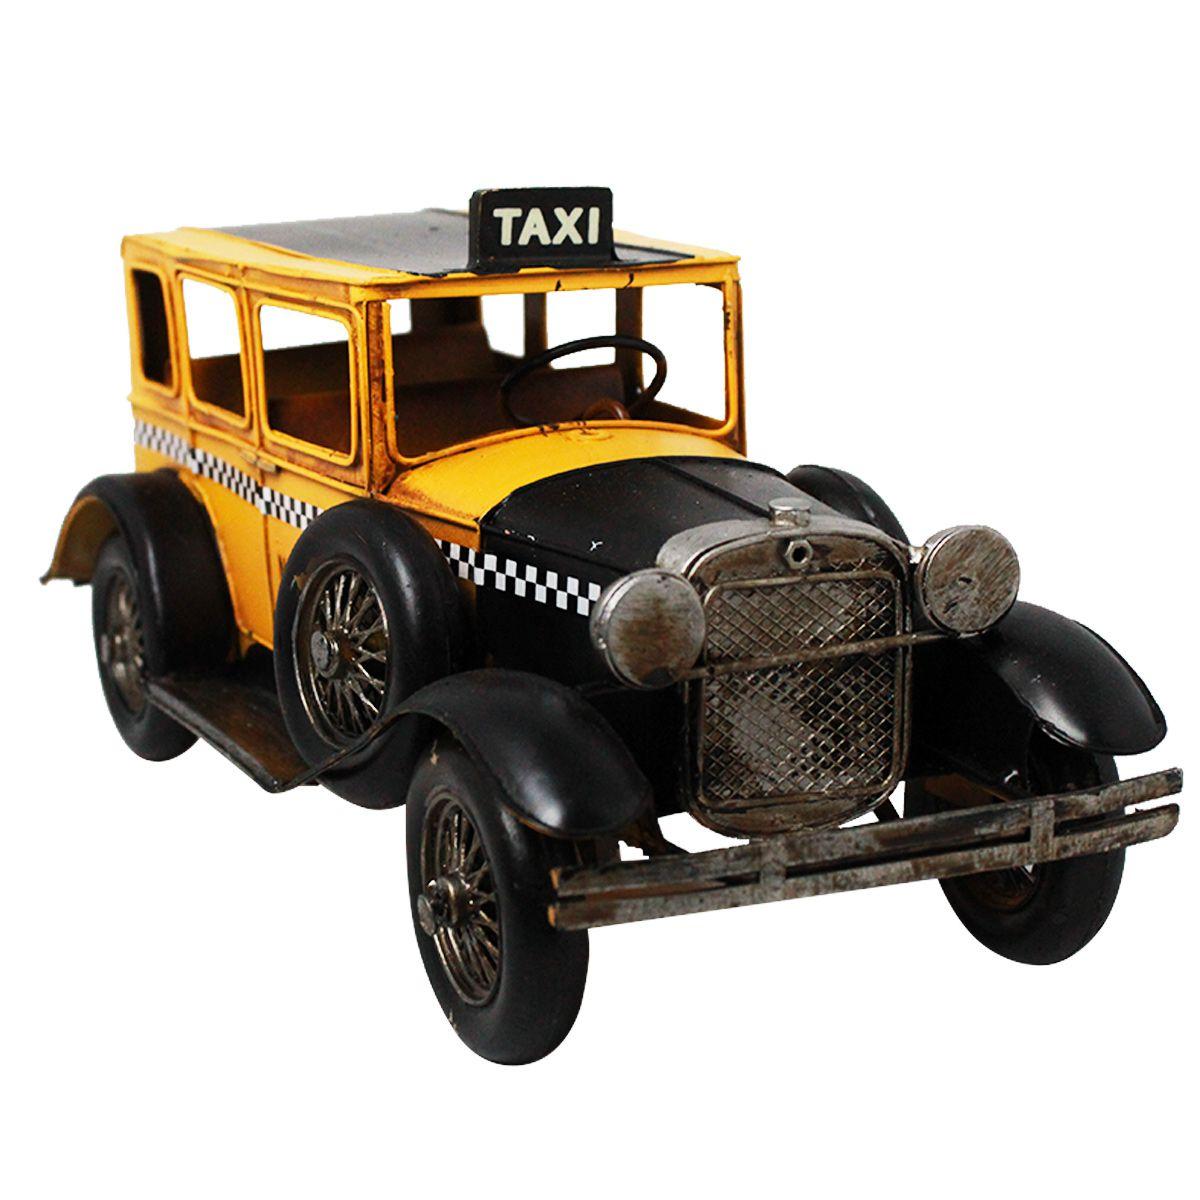 Carro de Metal Retrô - Taxi New York City Nº69